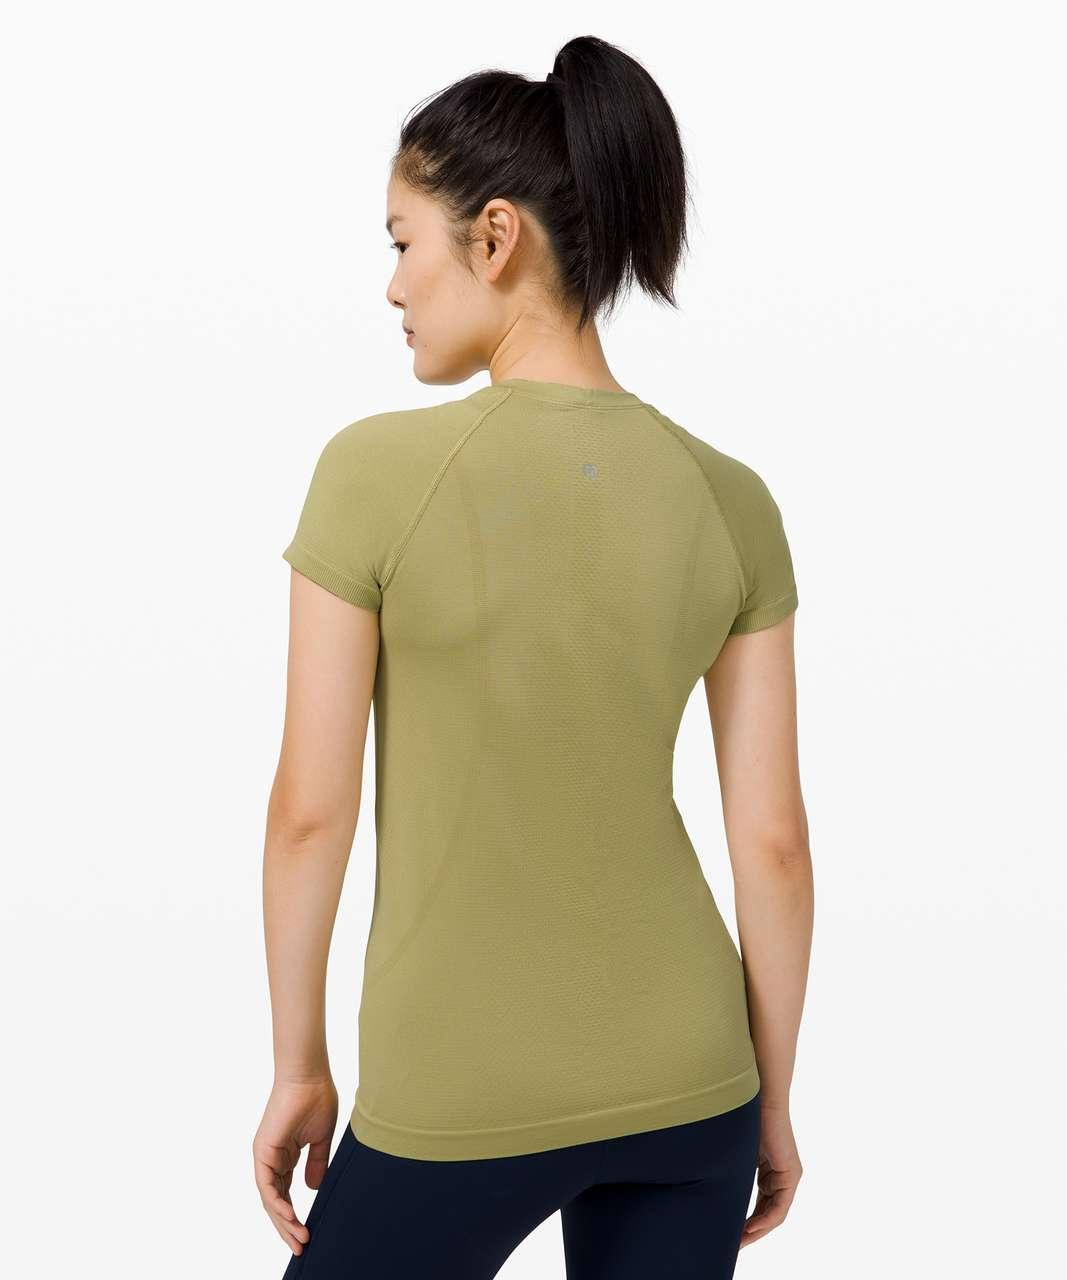 Lululemon Swiftly Tech Short Sleeve 2.0 - Hazel Green / Hazel Green